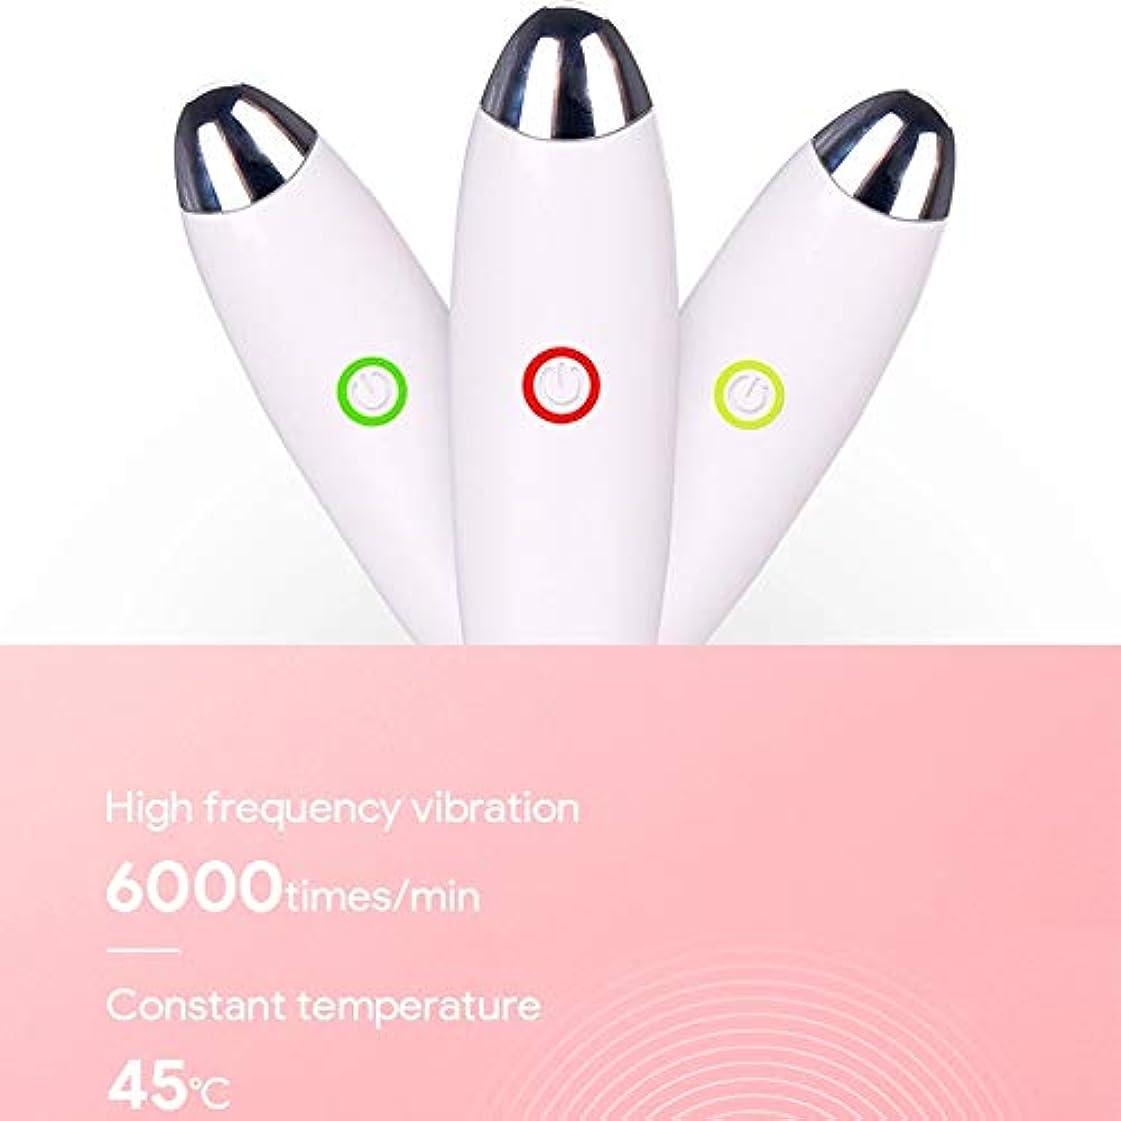 聖職者アーネストシャクルトン成功する電気アイマッサージャー、電気イオンアイマッサージャー、熱と振動マッサージ目をリラックスさせるための3つのモード